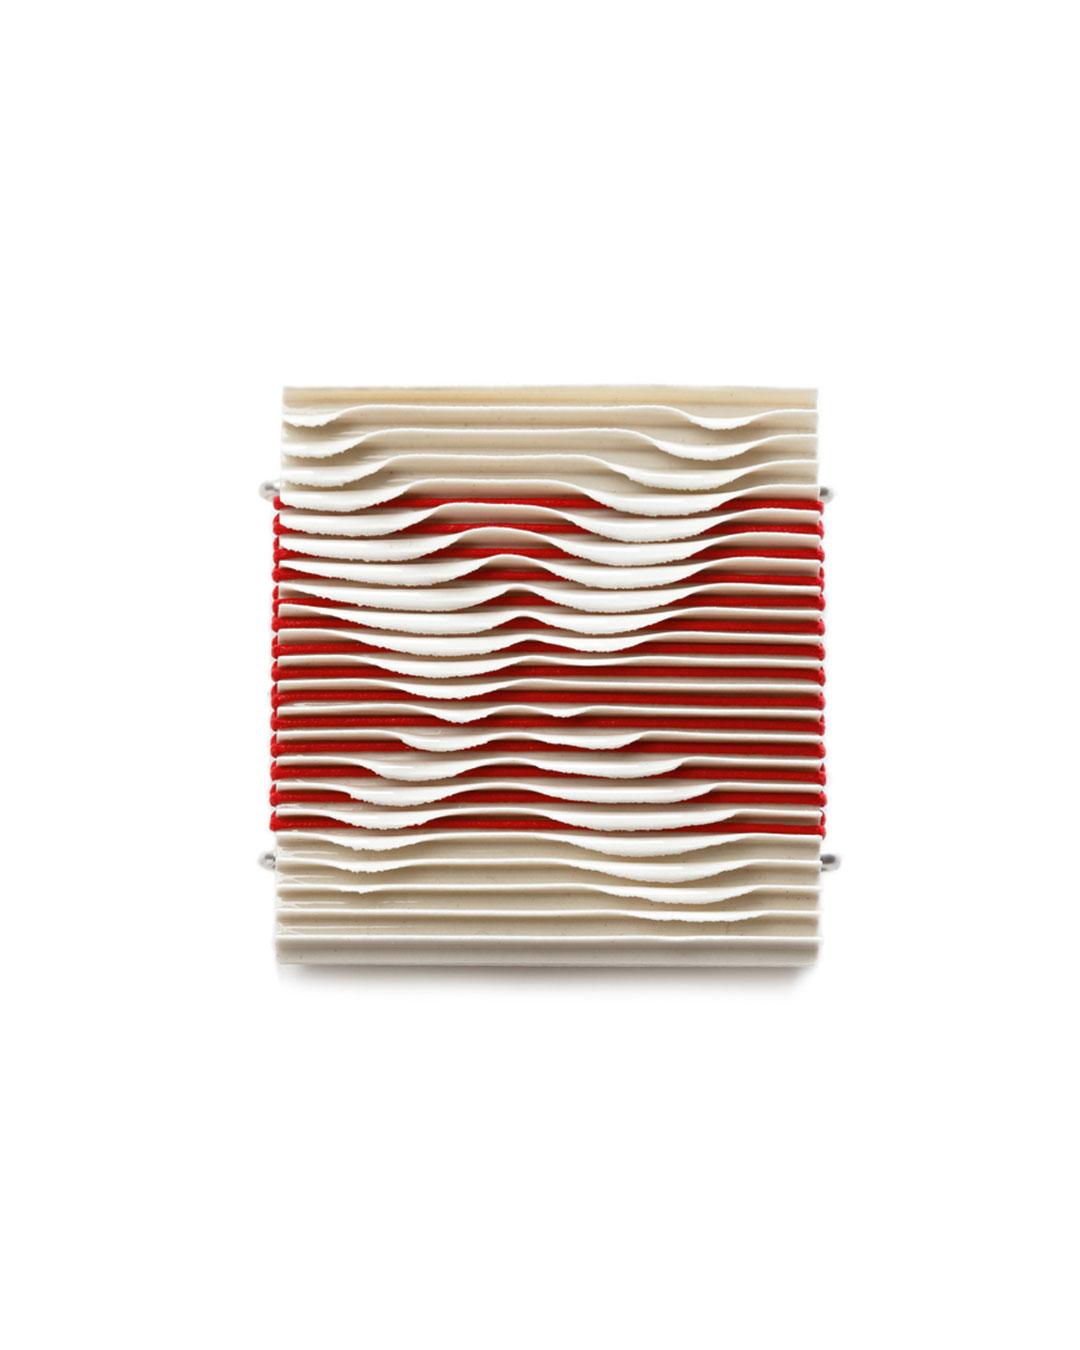 Silke Trekel, Moth, 2017, brooch; porcelain, silver, thread, 59 x 52 x 7 mm, €680